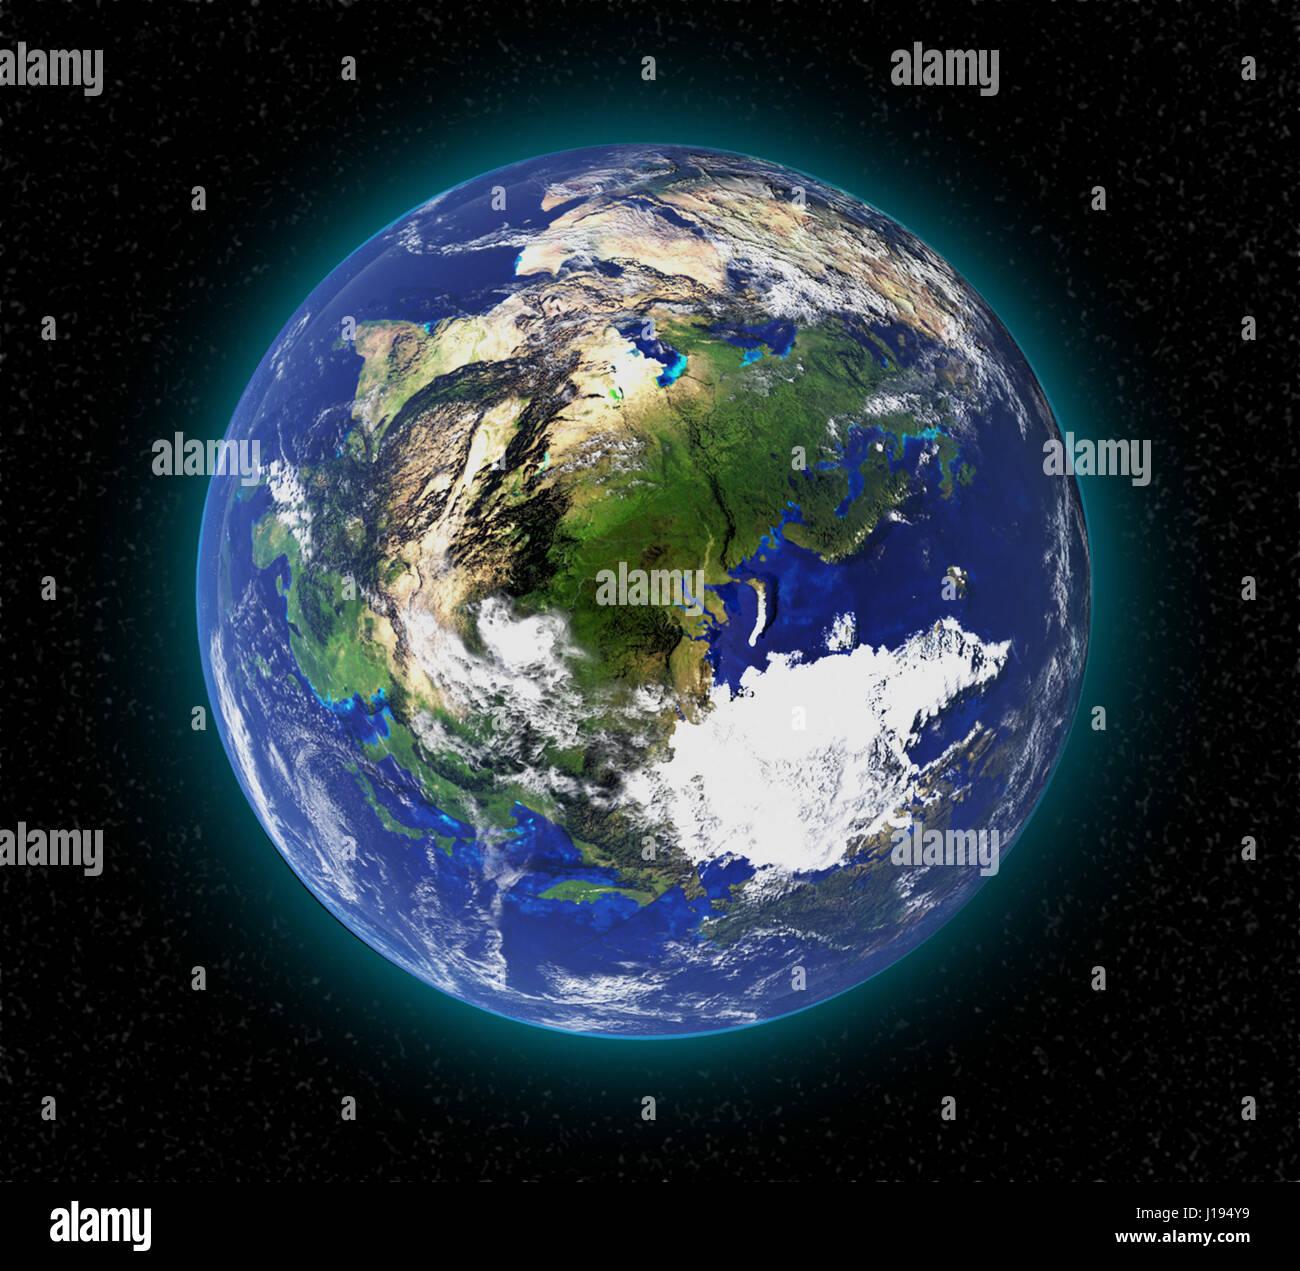 Hohe aufl sung planet erde aus dem weltall in 3d elemente for Bodentypen der erde